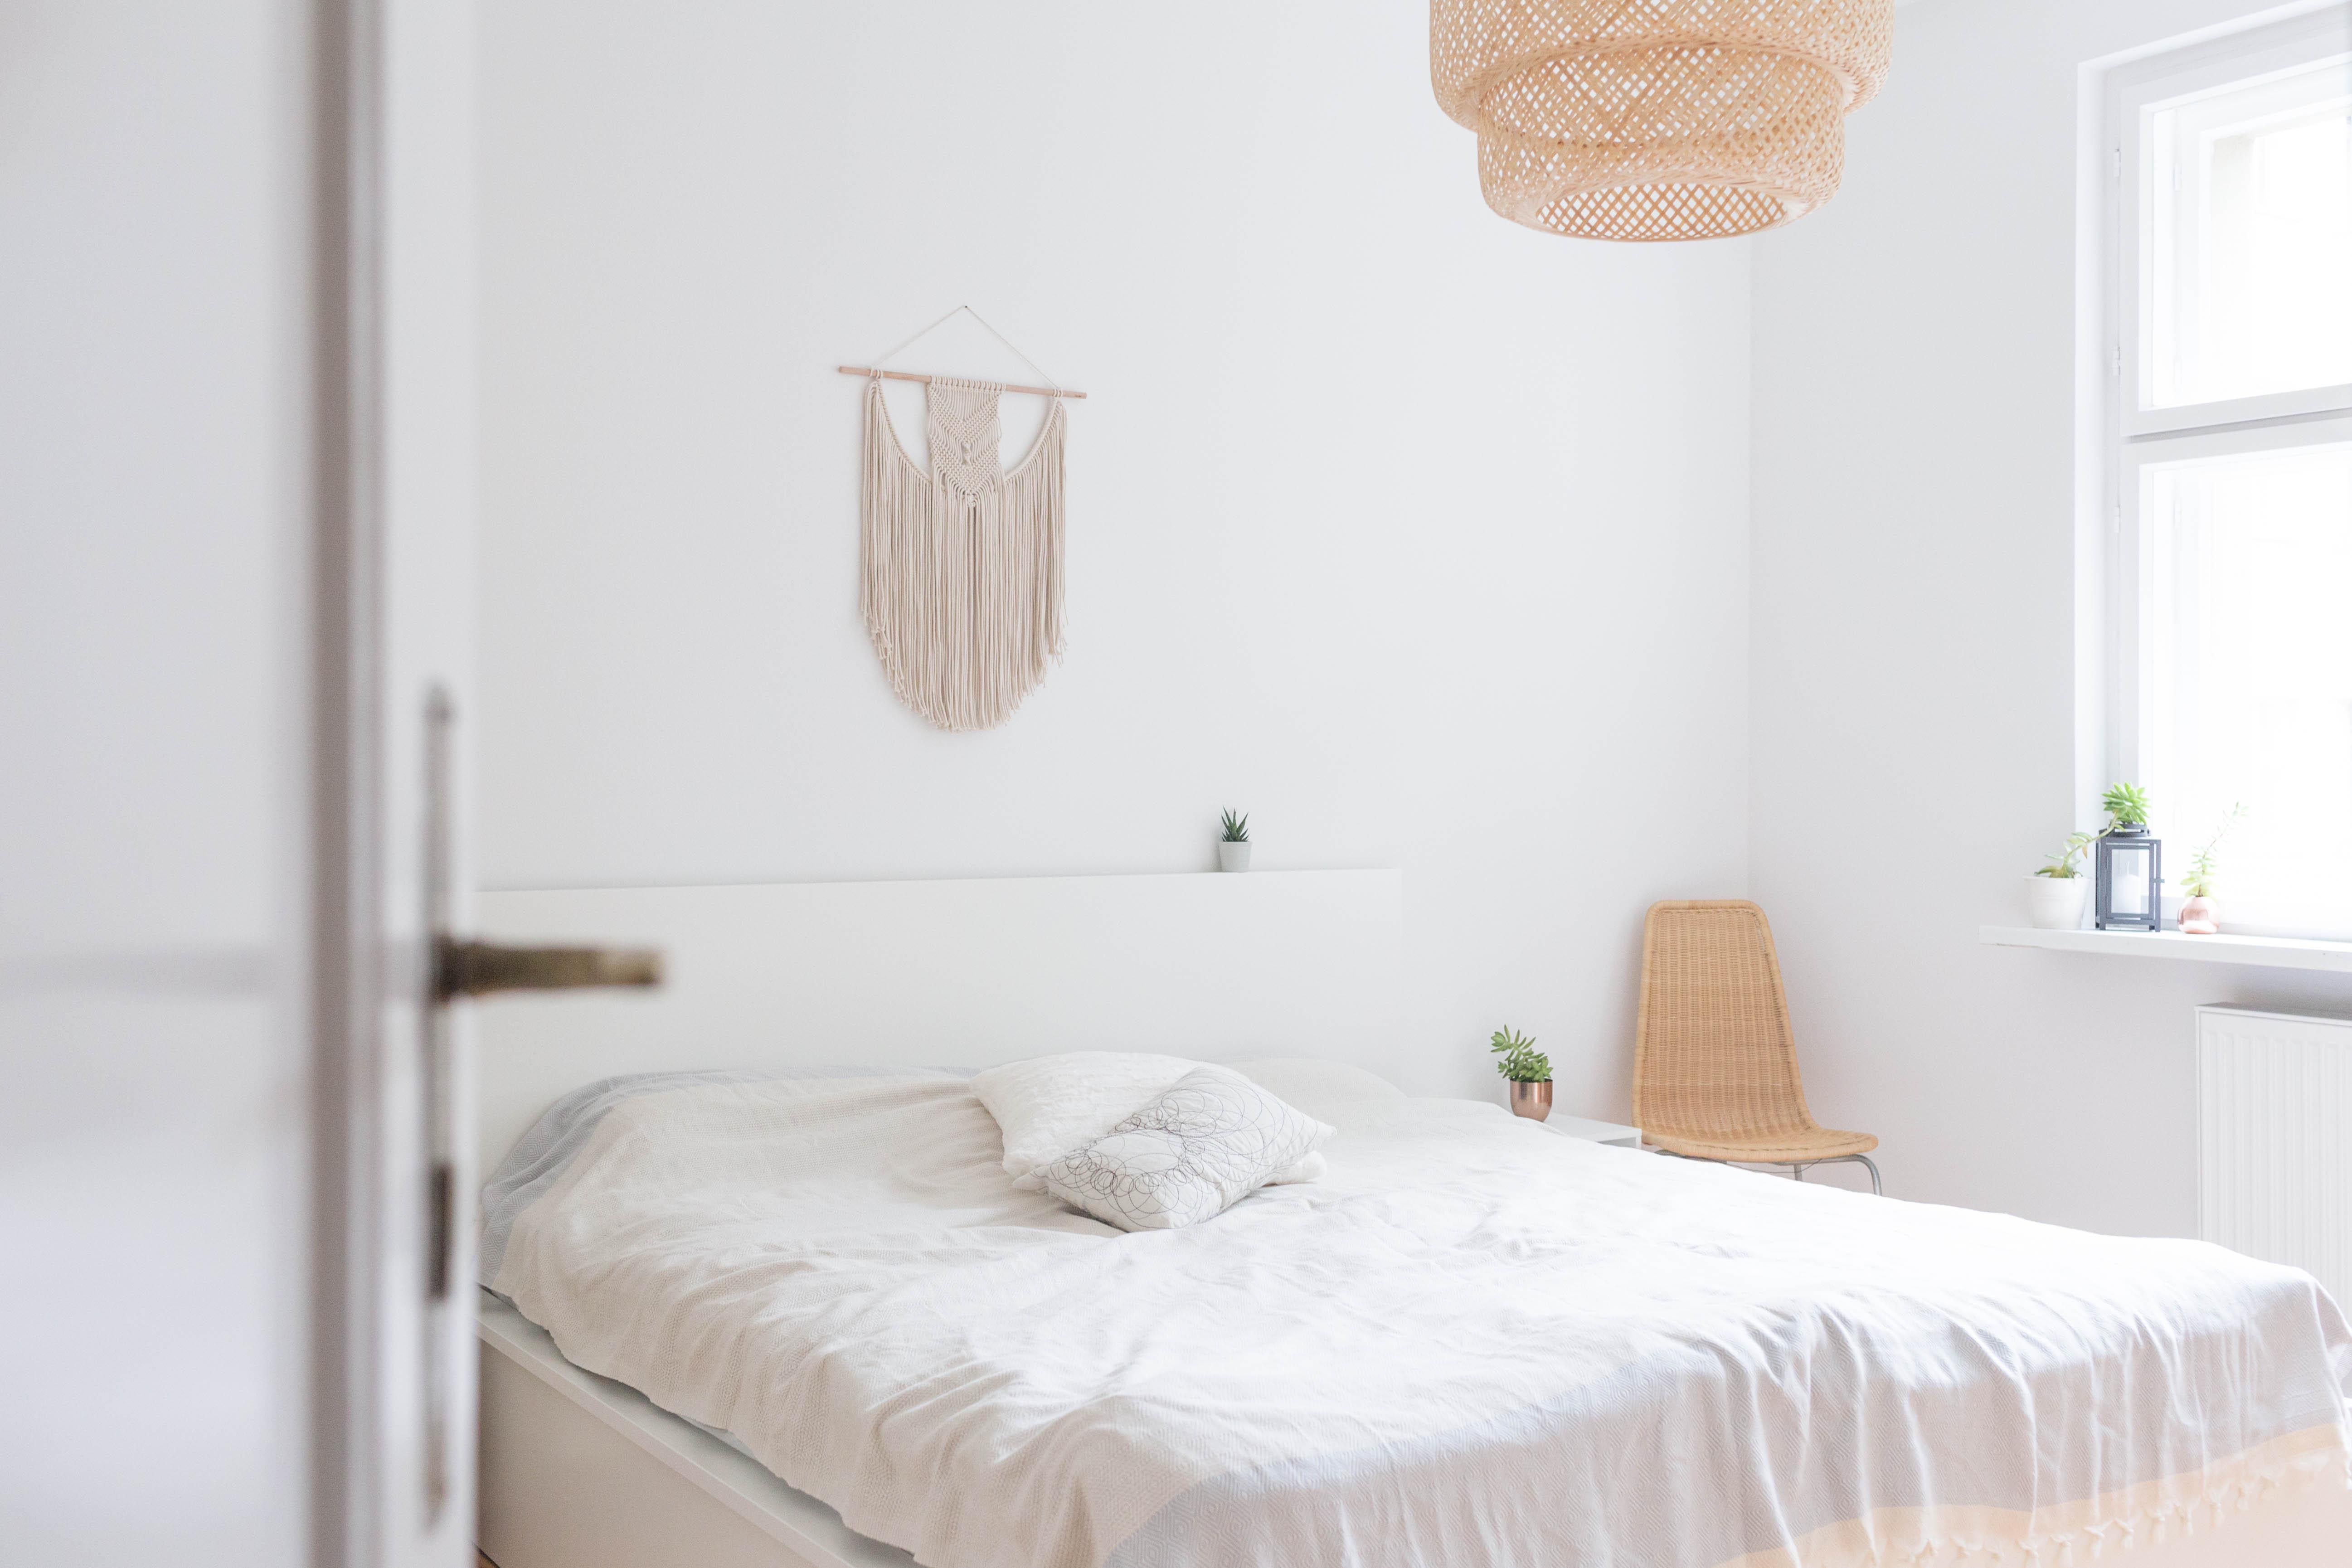 Schlafzimmer einrichten im Boho Stil - Frisch Verliebt Blog aus Berlin